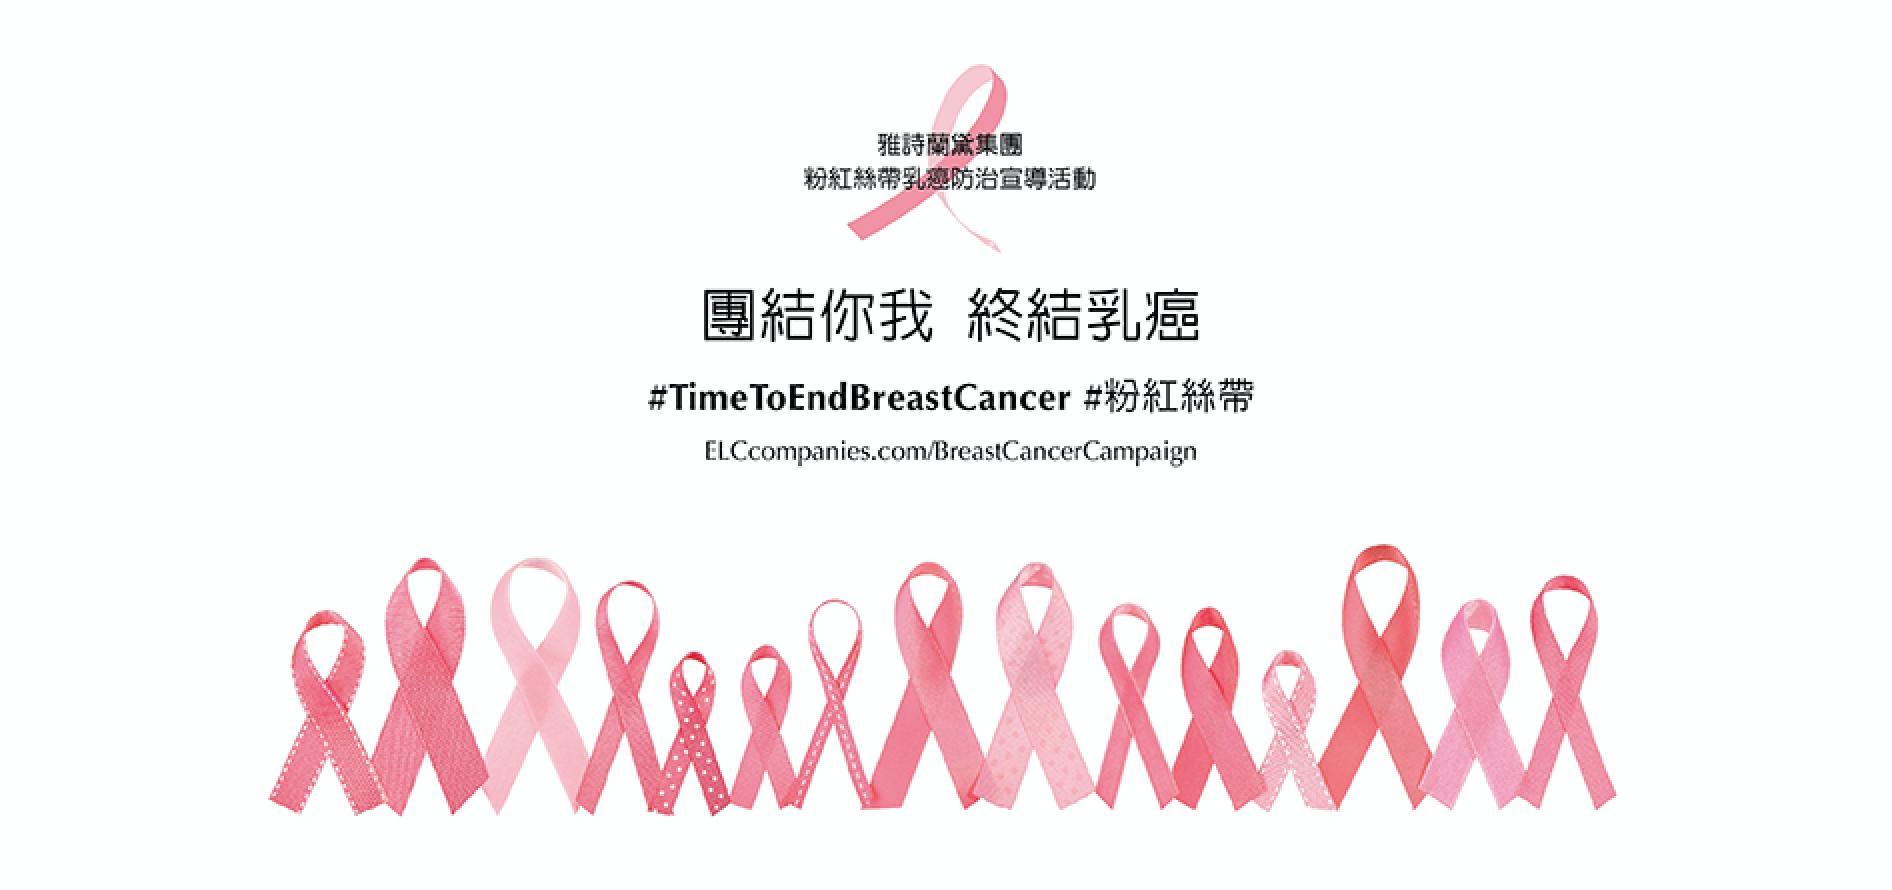 =雅詩蘭黛集團 粉紅絲帶乳癌防治宣導公益咖啡屋!讓妳喝咖啡、拍照也能時尚做公益!